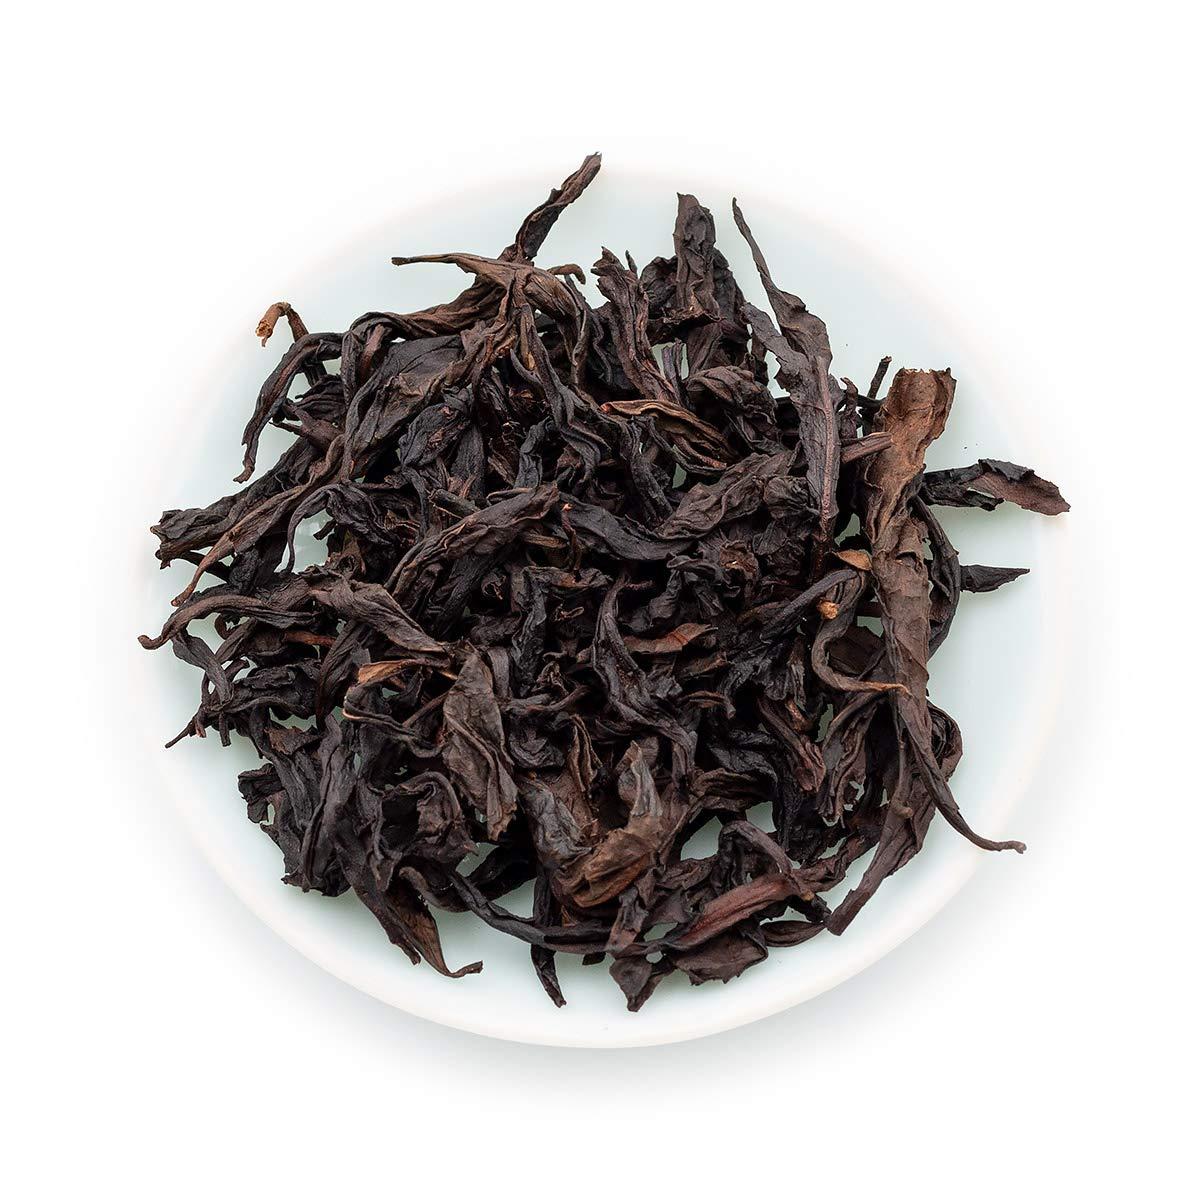 Oriarm 250g / 8.82oz Da Hong Pao Oolong Tea Loose Leaf - Fujian Wuyi Rock Tea Big Red Robe - Wulong Chinese Tea Leaves - Detox Relaxing Naturally Grown